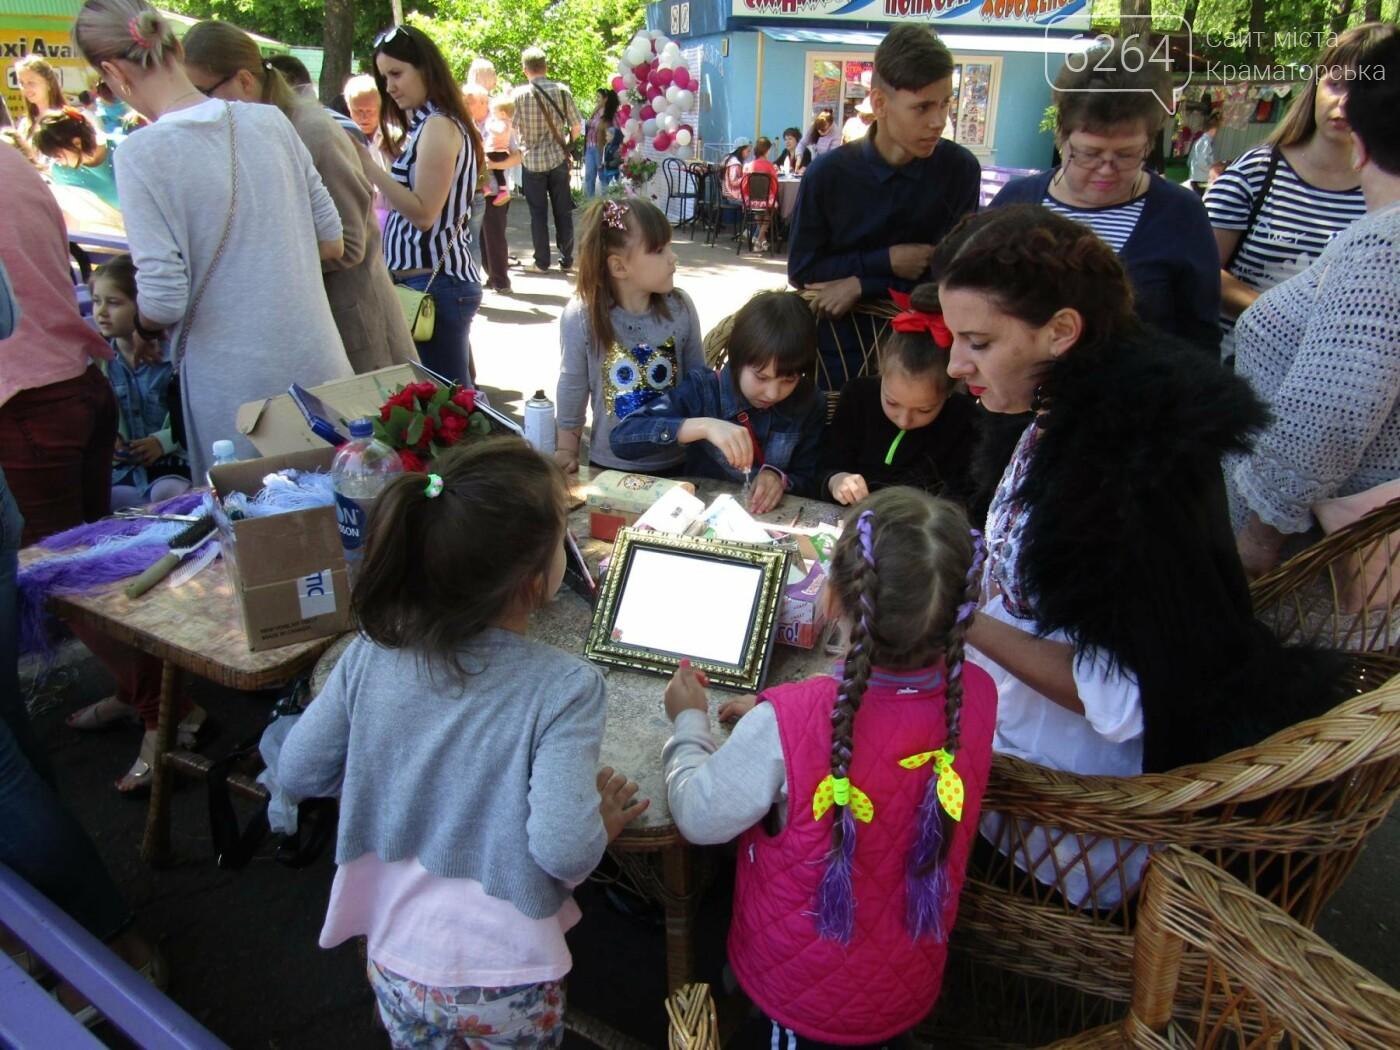 «Фестиваль семьи» порадовал жителей Краматорска, фото-1